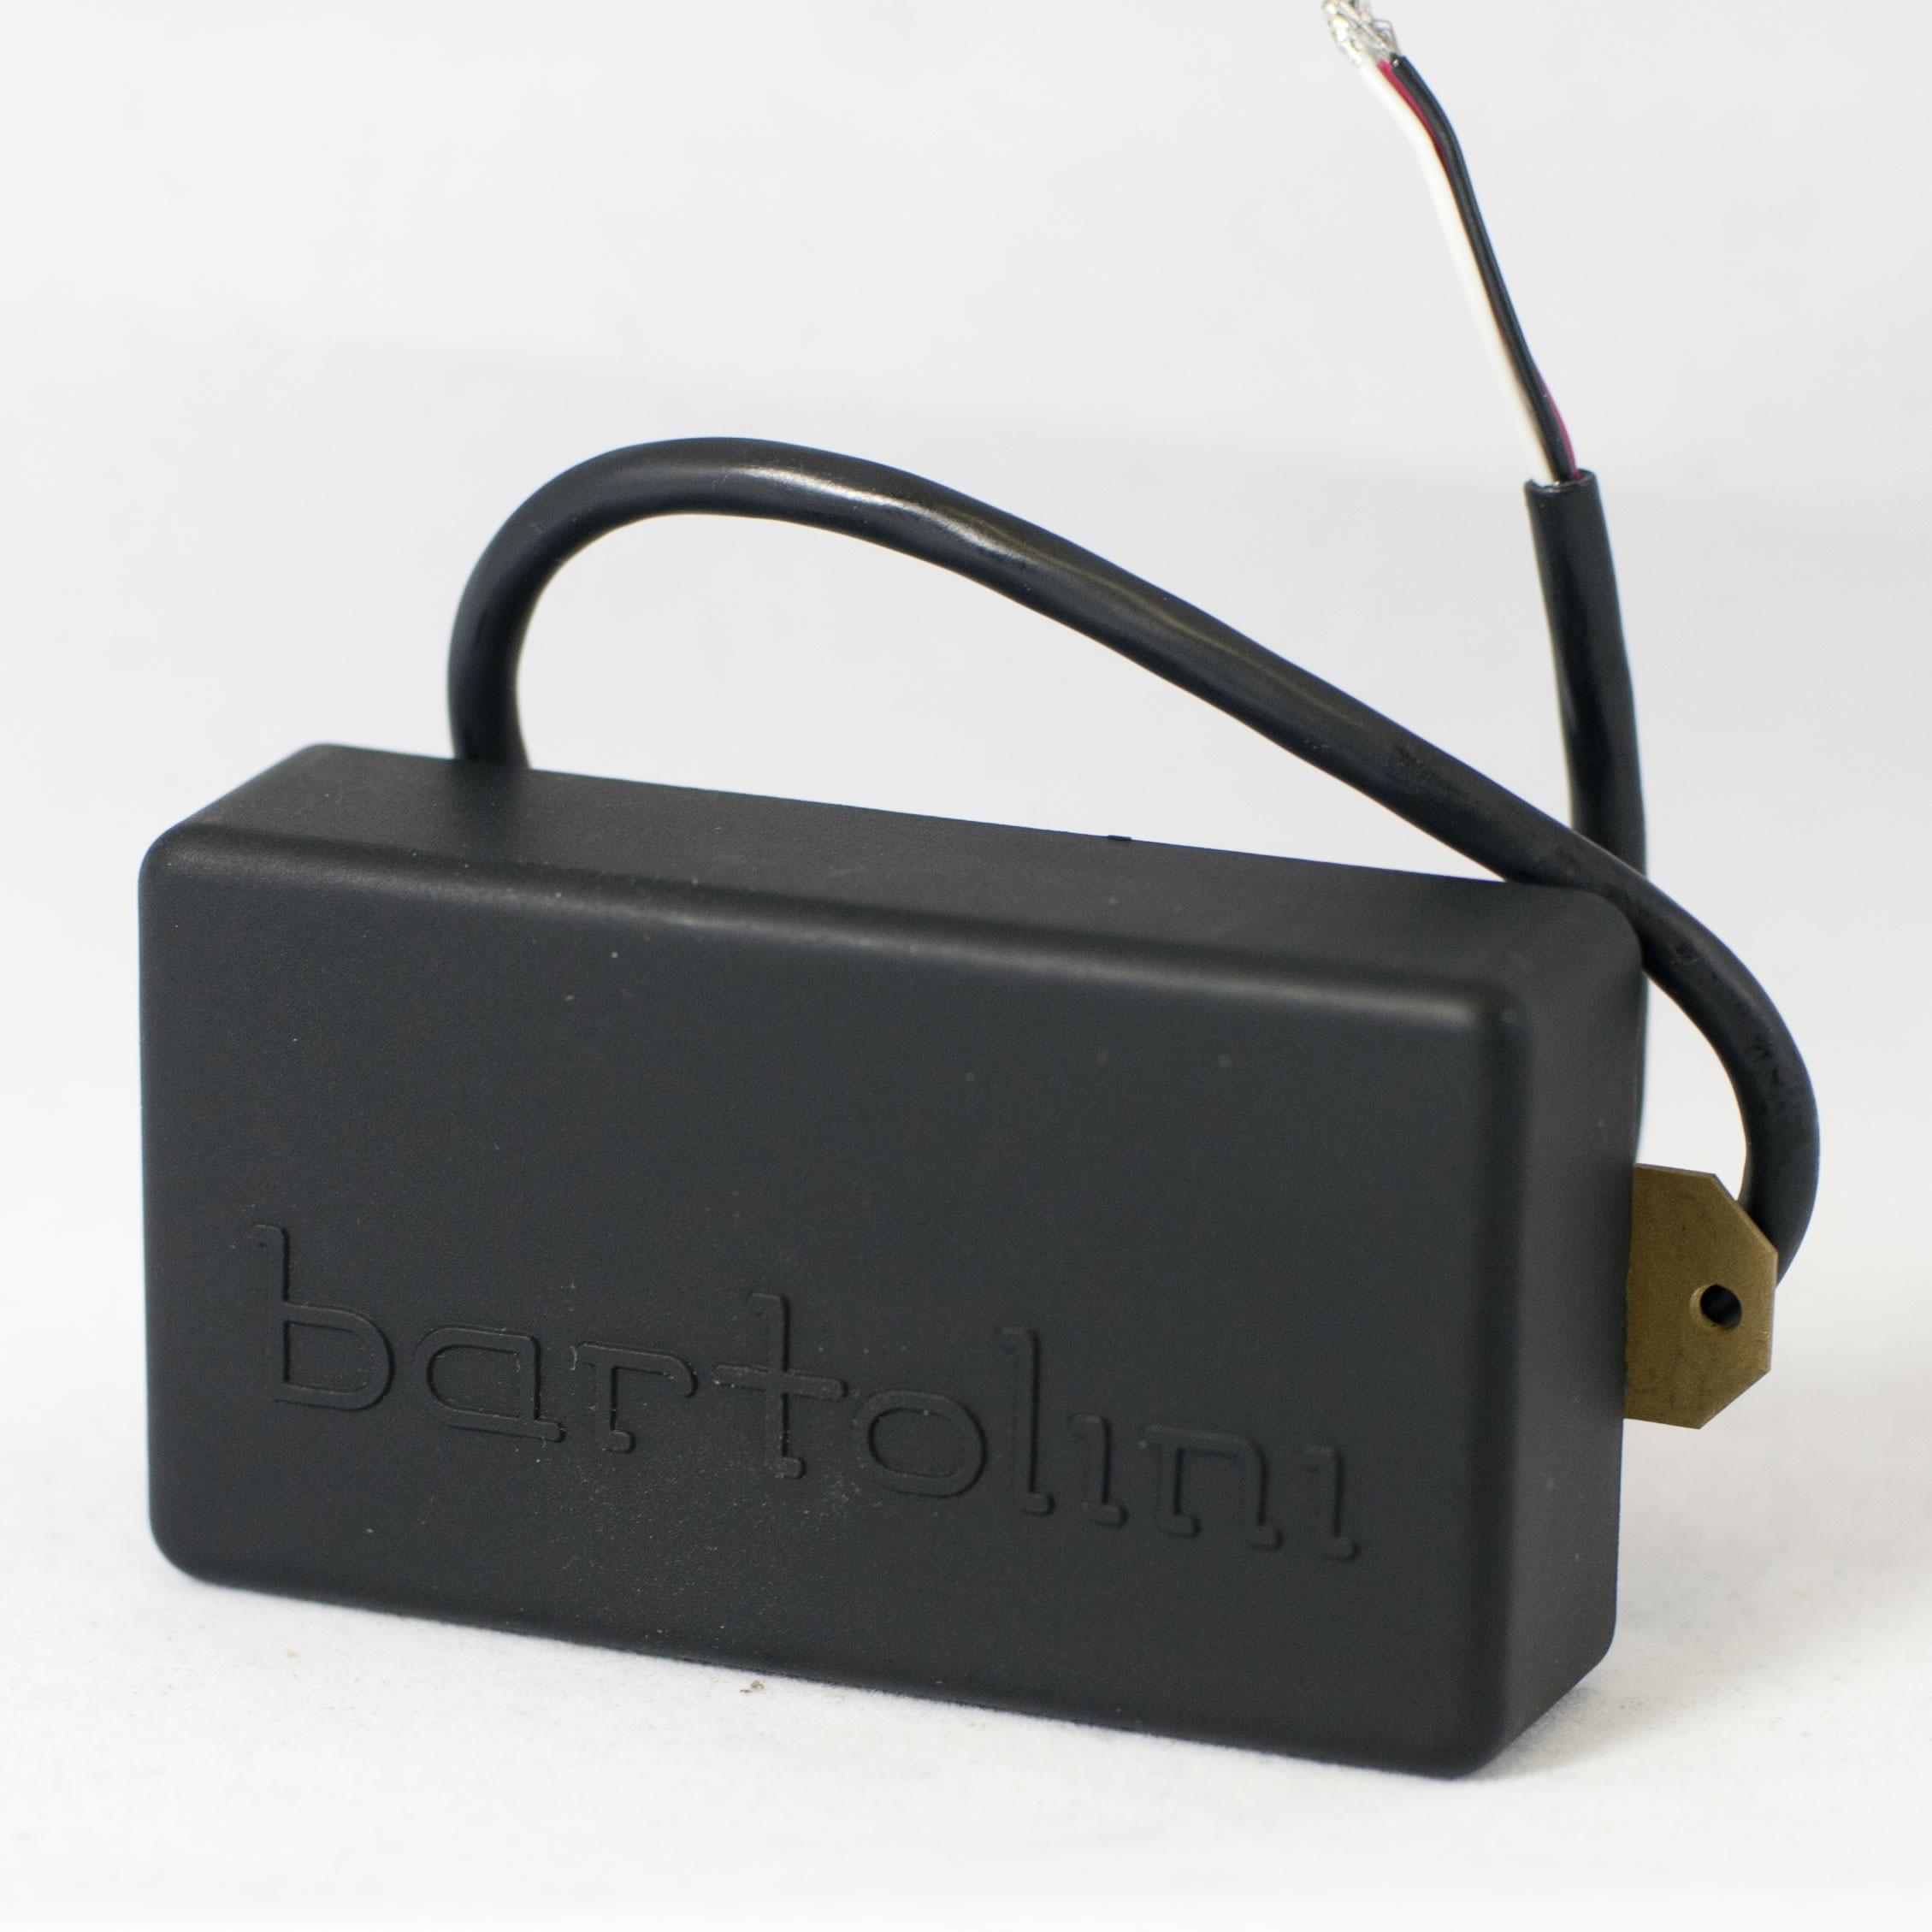 Bartolini 1CB 4 String HB Size Dual Coil Pickup Set on